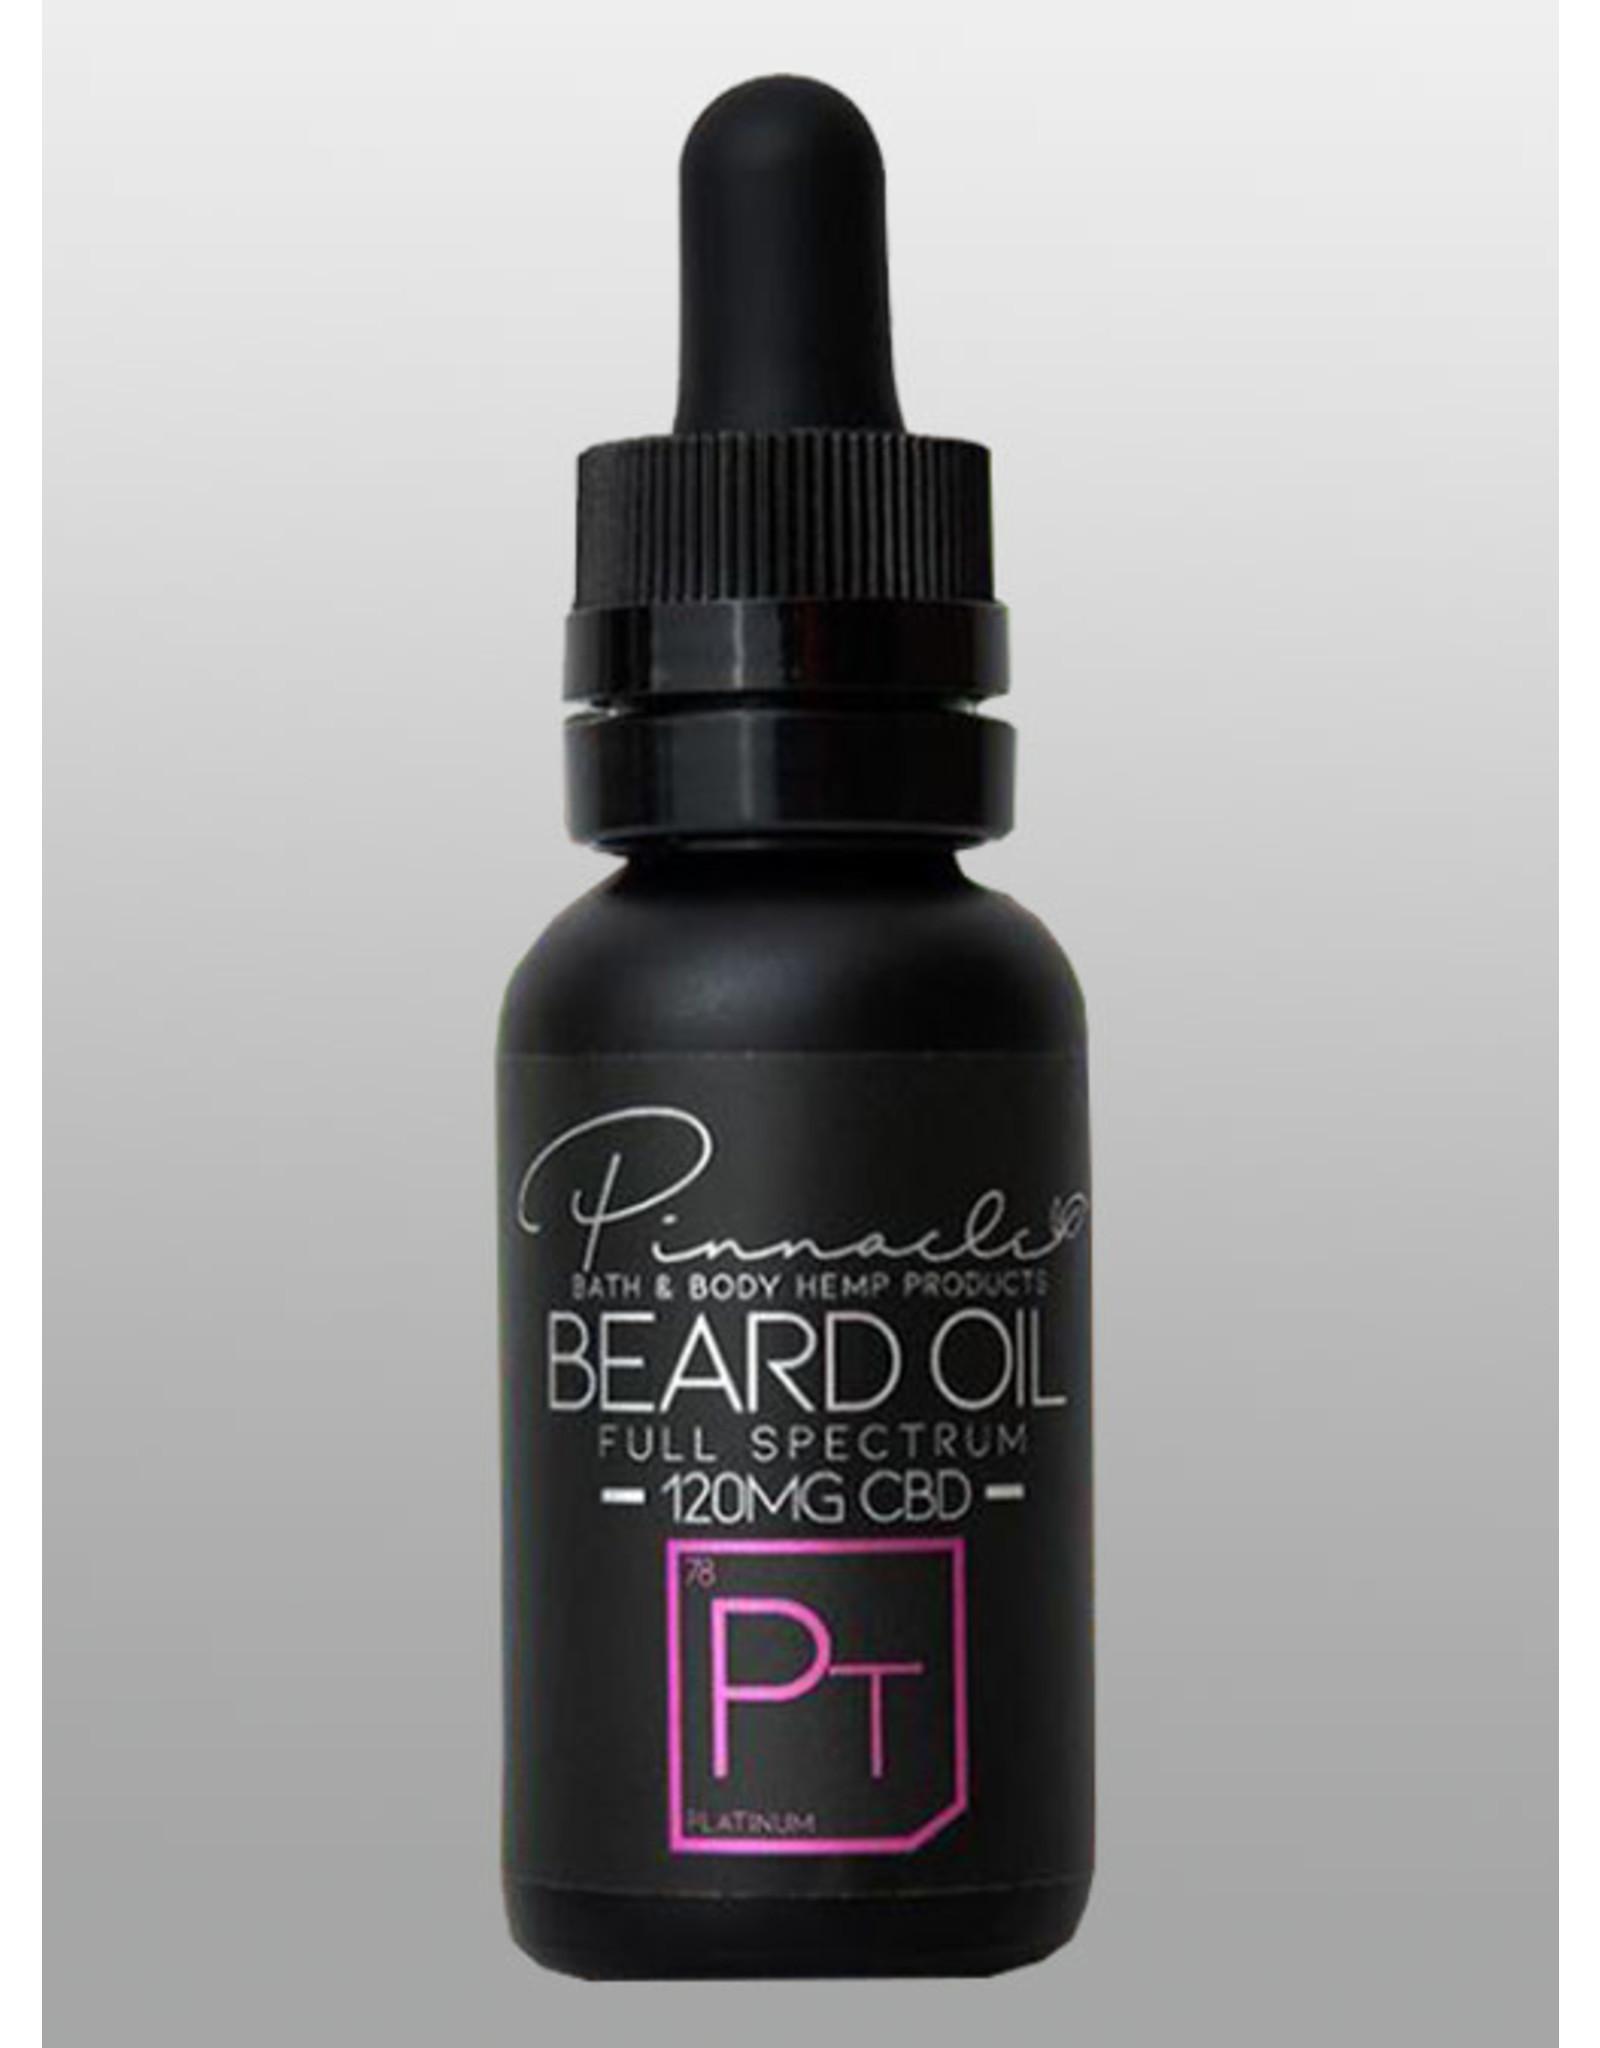 Pinnacle Hemp Pinnacle Beard Oil 120mg - Platinum 1oz